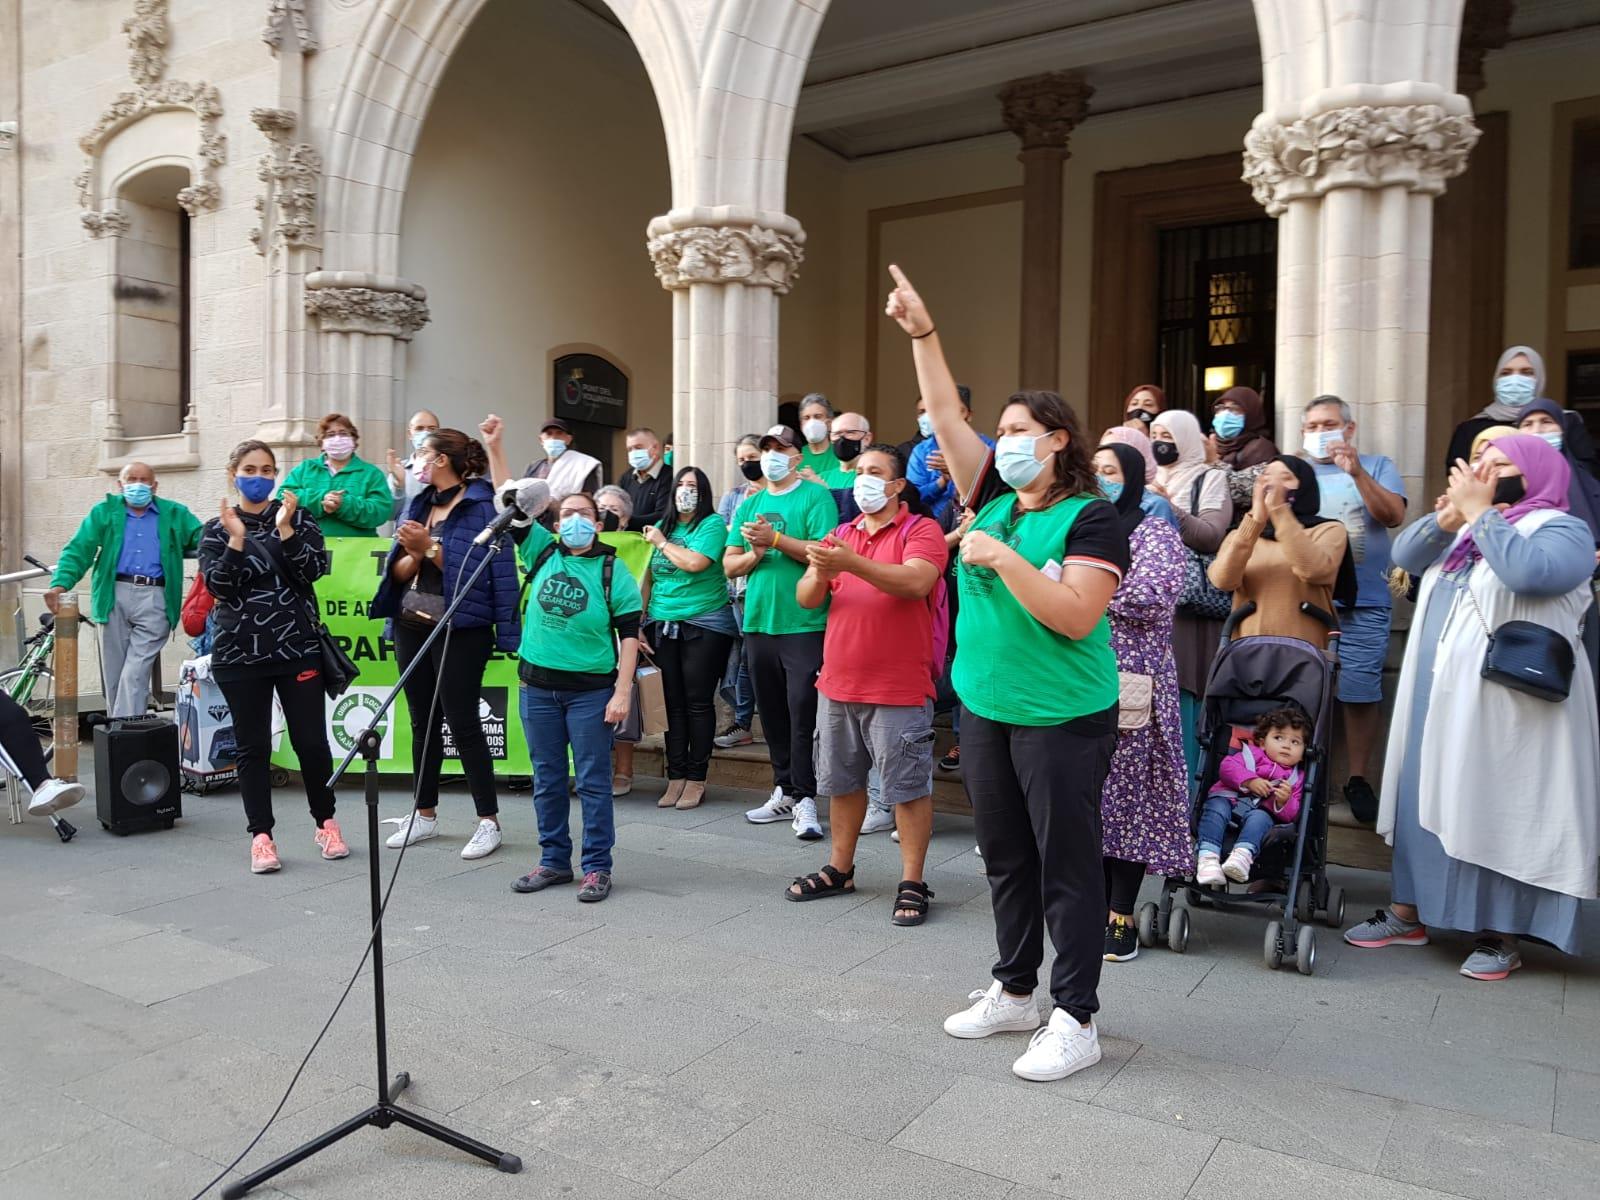 La PAH reclama a l'Ajuntament que activi ja la Unitat Antidesnonaments a Terrassa | Lluïsa Tarrida